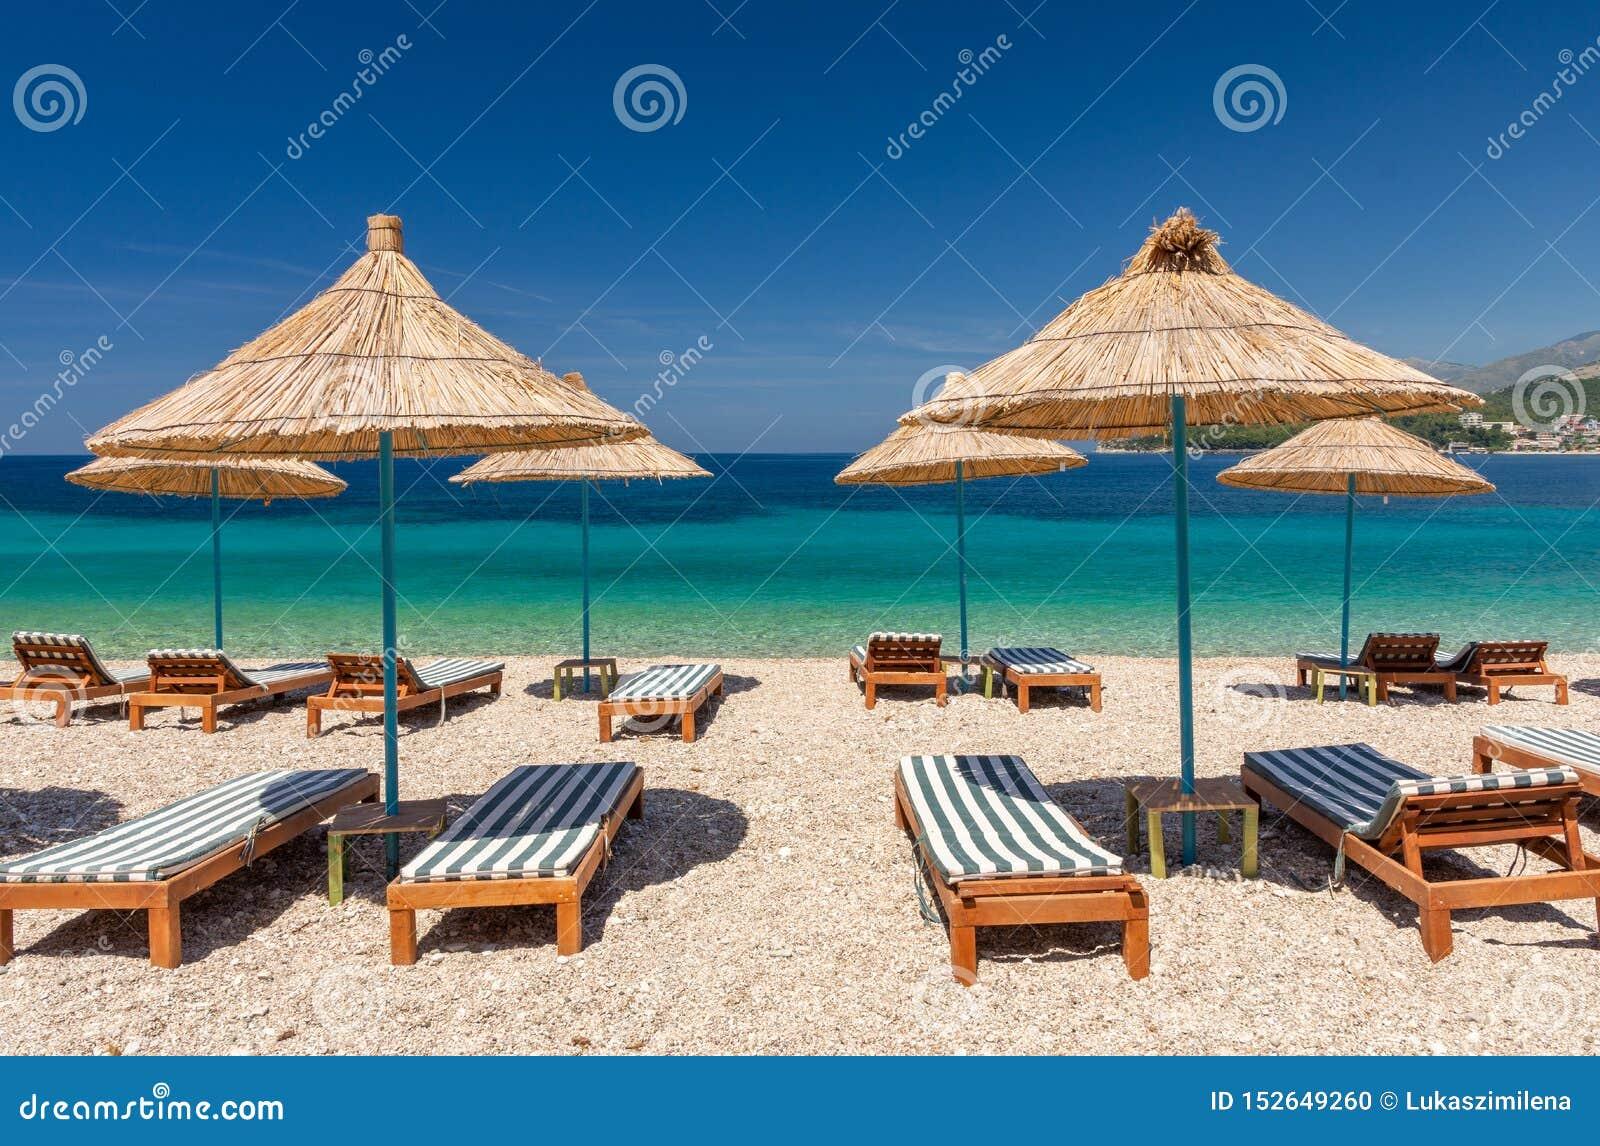 Paradise-Strand in Himare auf albanischem Riviera in Albanien